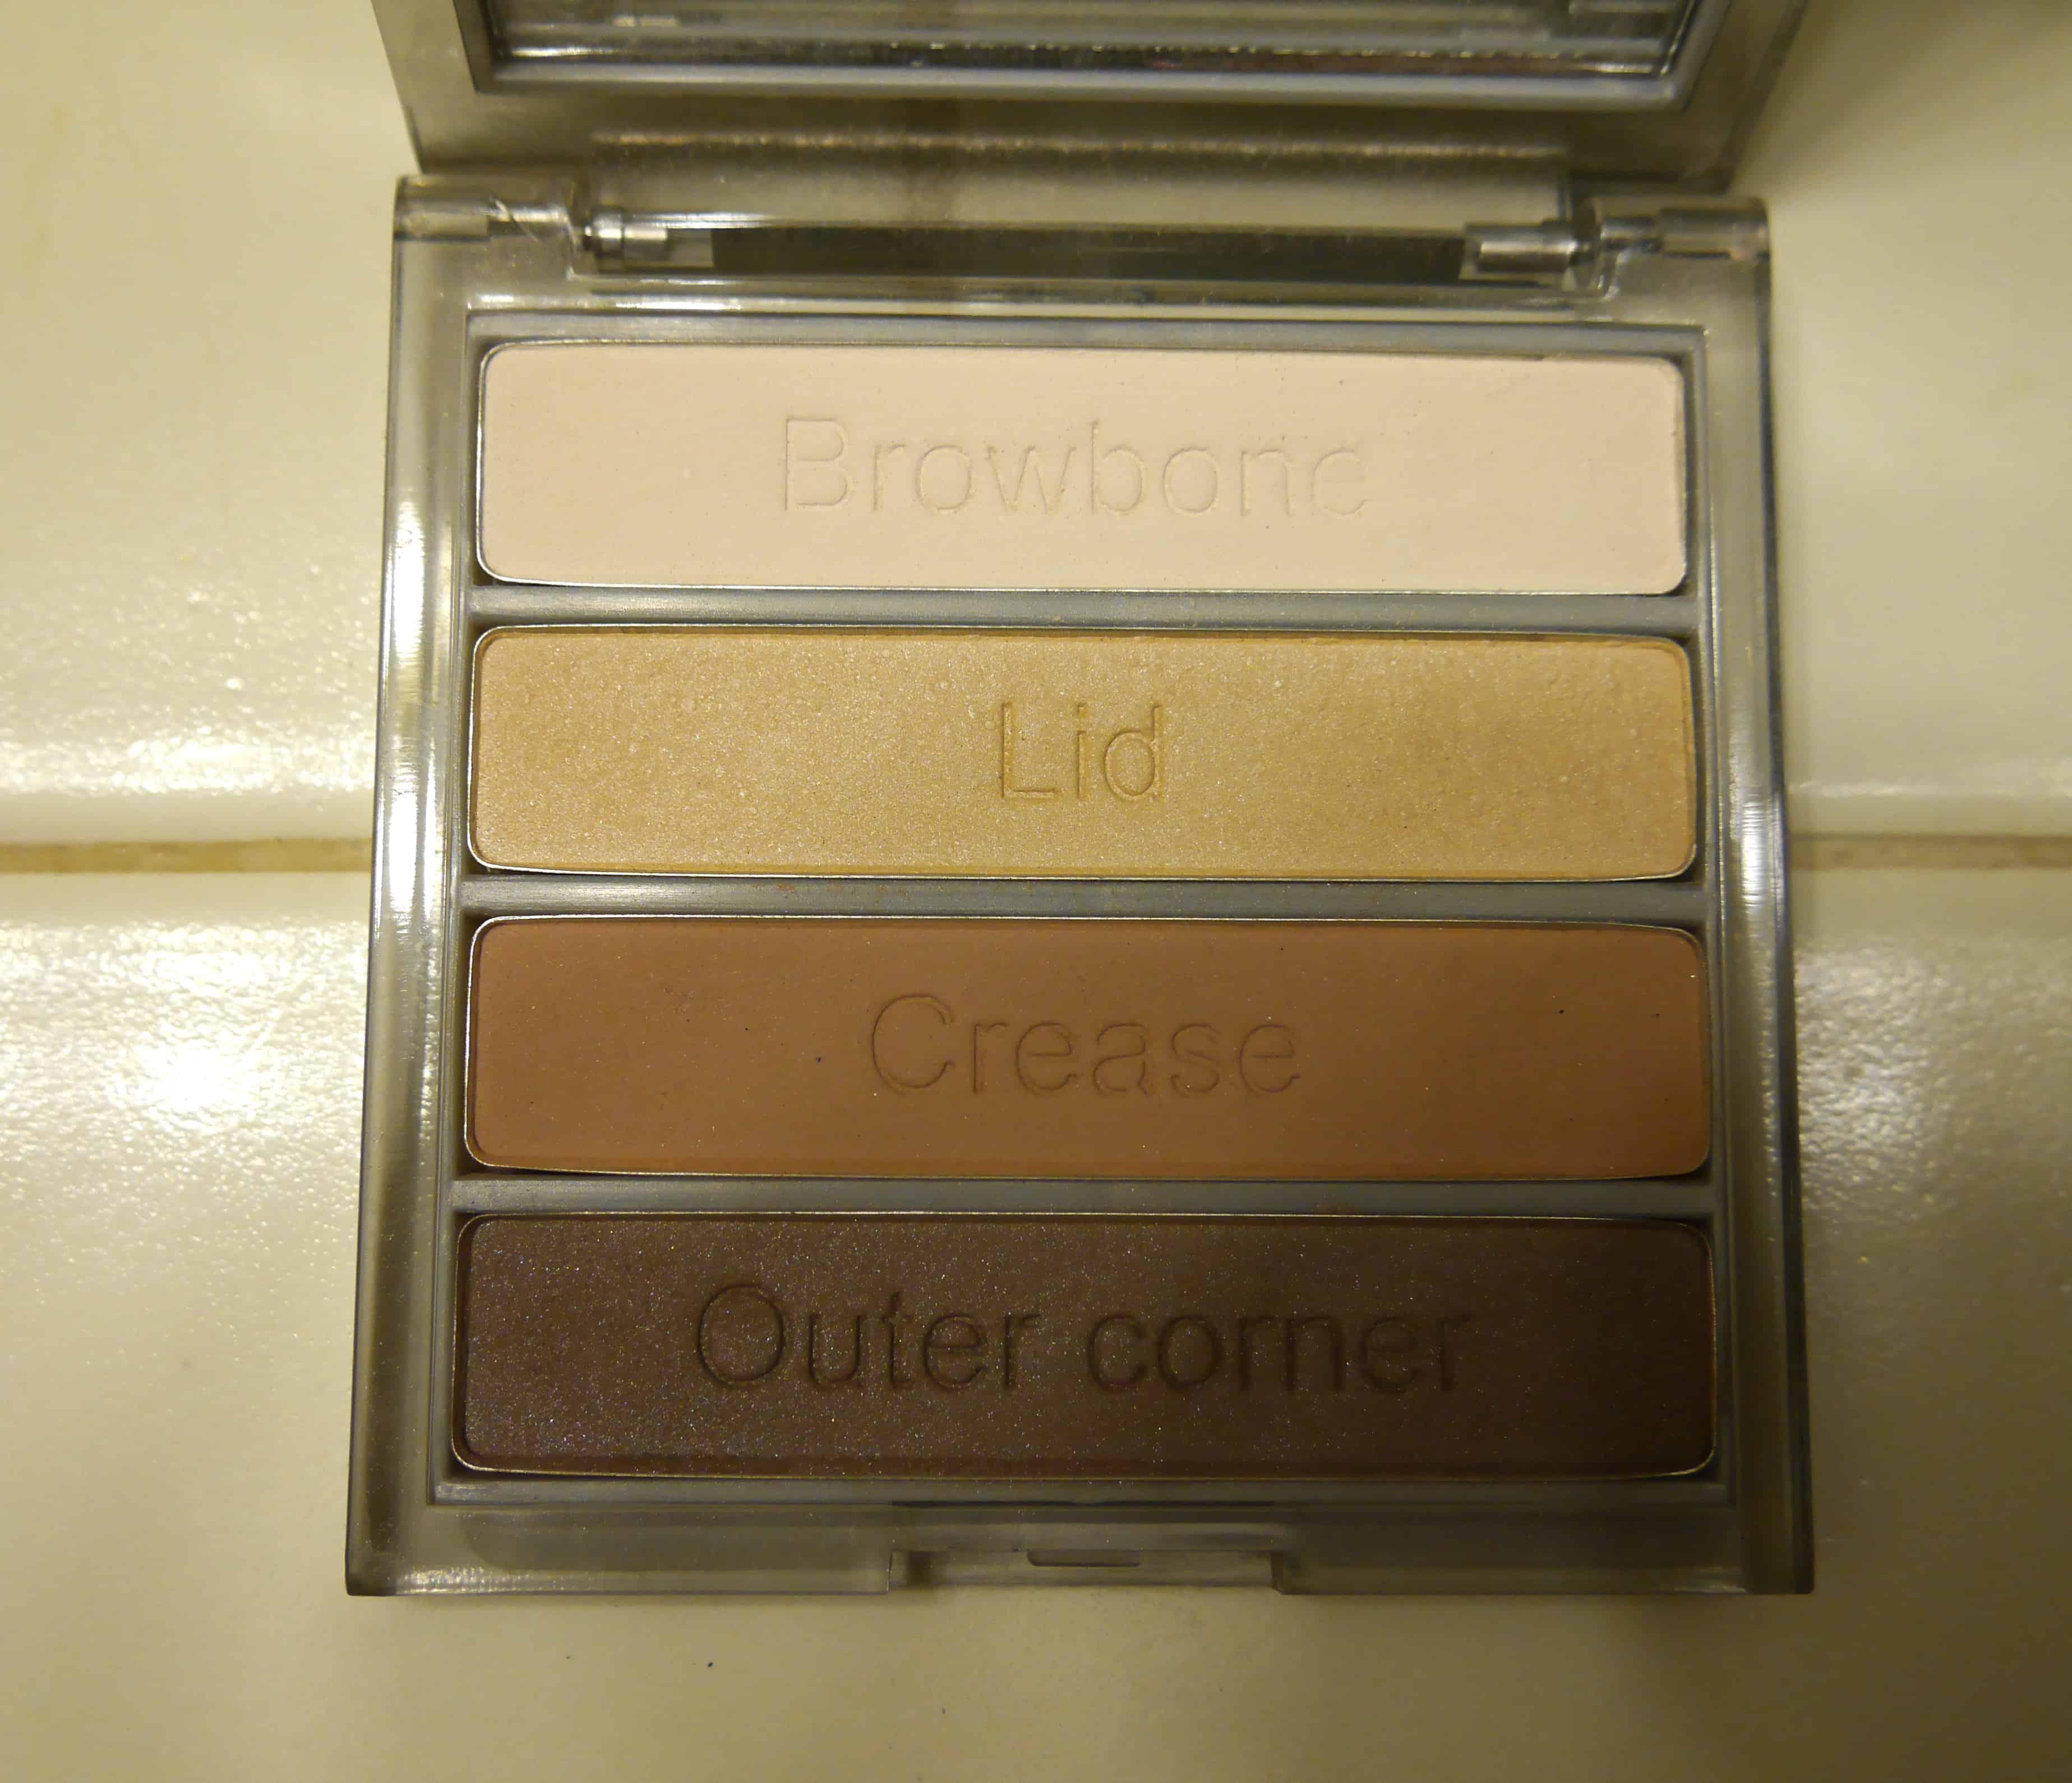 Cargo-essential-eye-palette-quad-warm-neutral-eyeshadows.jpeg